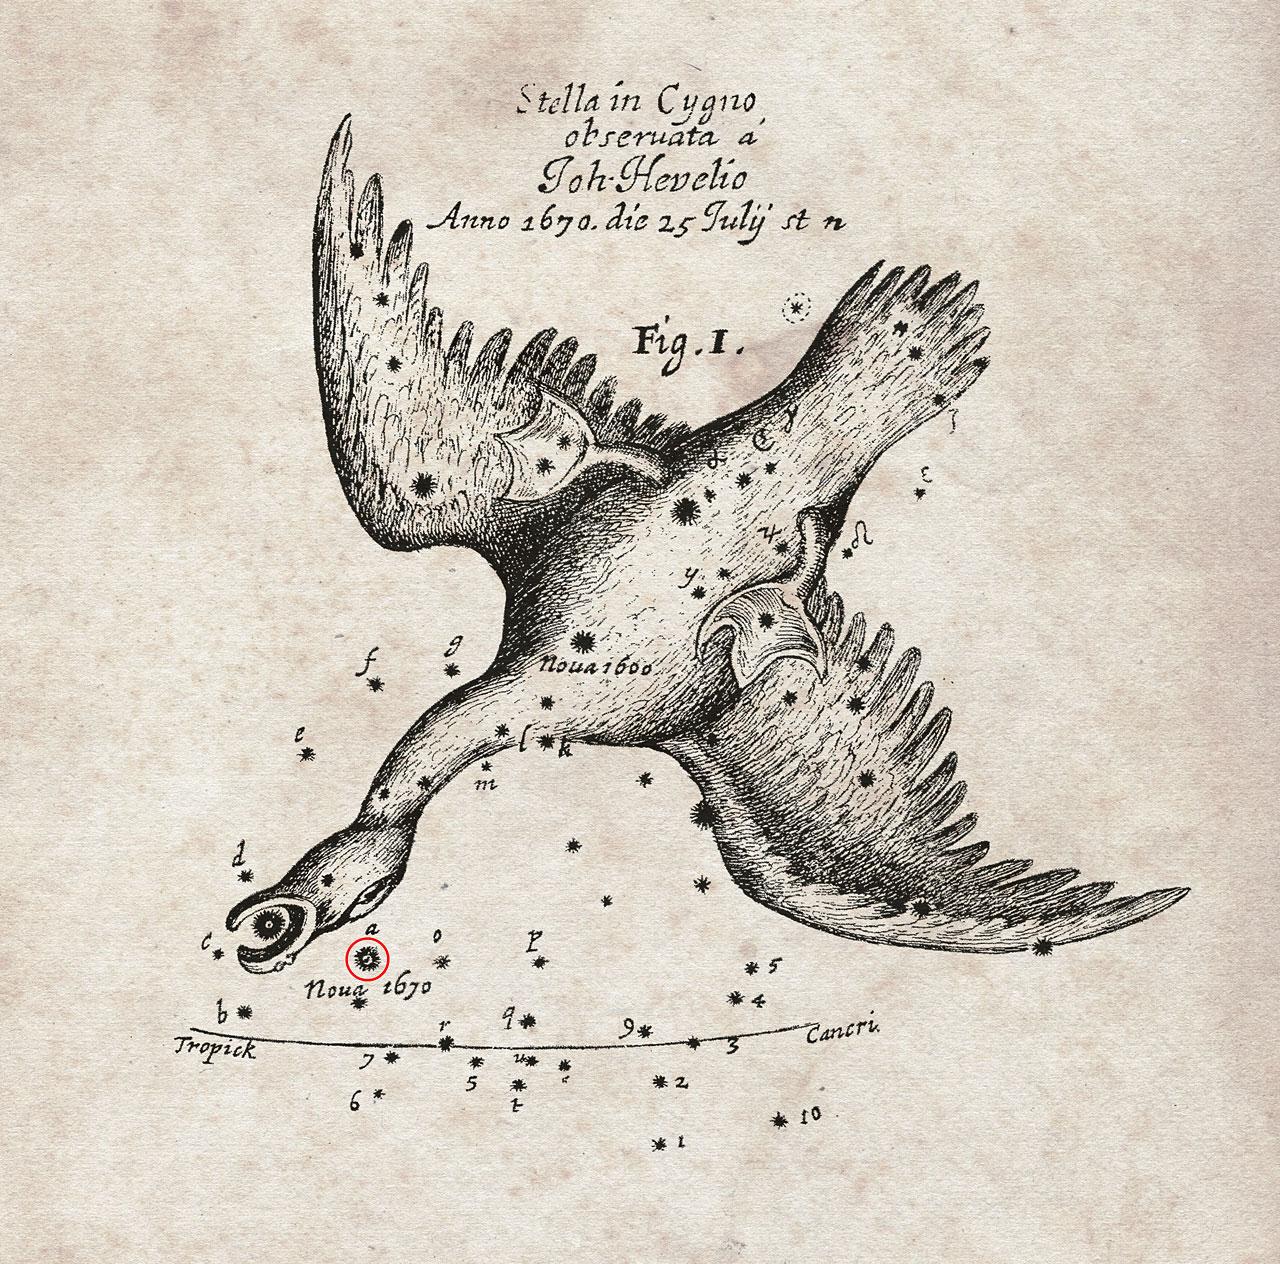 La nova del 1670 registrata da Hevelius. Questa mappa mostra la posizione della nova (in rosso) che apparve nell'anno 1670, fu registrata dal famoso astronomo Hevelius e pubblicata dalla Royal Society in Inghilterra nella rivista Philosophical Transactions. Nuove osservazioni con APEX e altri telescopi hanno rivelato che la stella vista apparire in cielo dagli astronomi europei nel 1670 non era una nova, ma un tipo più raro e violento di collisione stellare, così spettacolare da essere visibile facilmente a occhio nudo durante il primo scoppio. Invece, le tracce lasciate sono così deboli che era necessaria un'analisi accurata con telescopi nella banda submillimetrica per poter risolvere l'enigma, svelato finalmente più di 340 anni dopo. Crediti: Royal Society